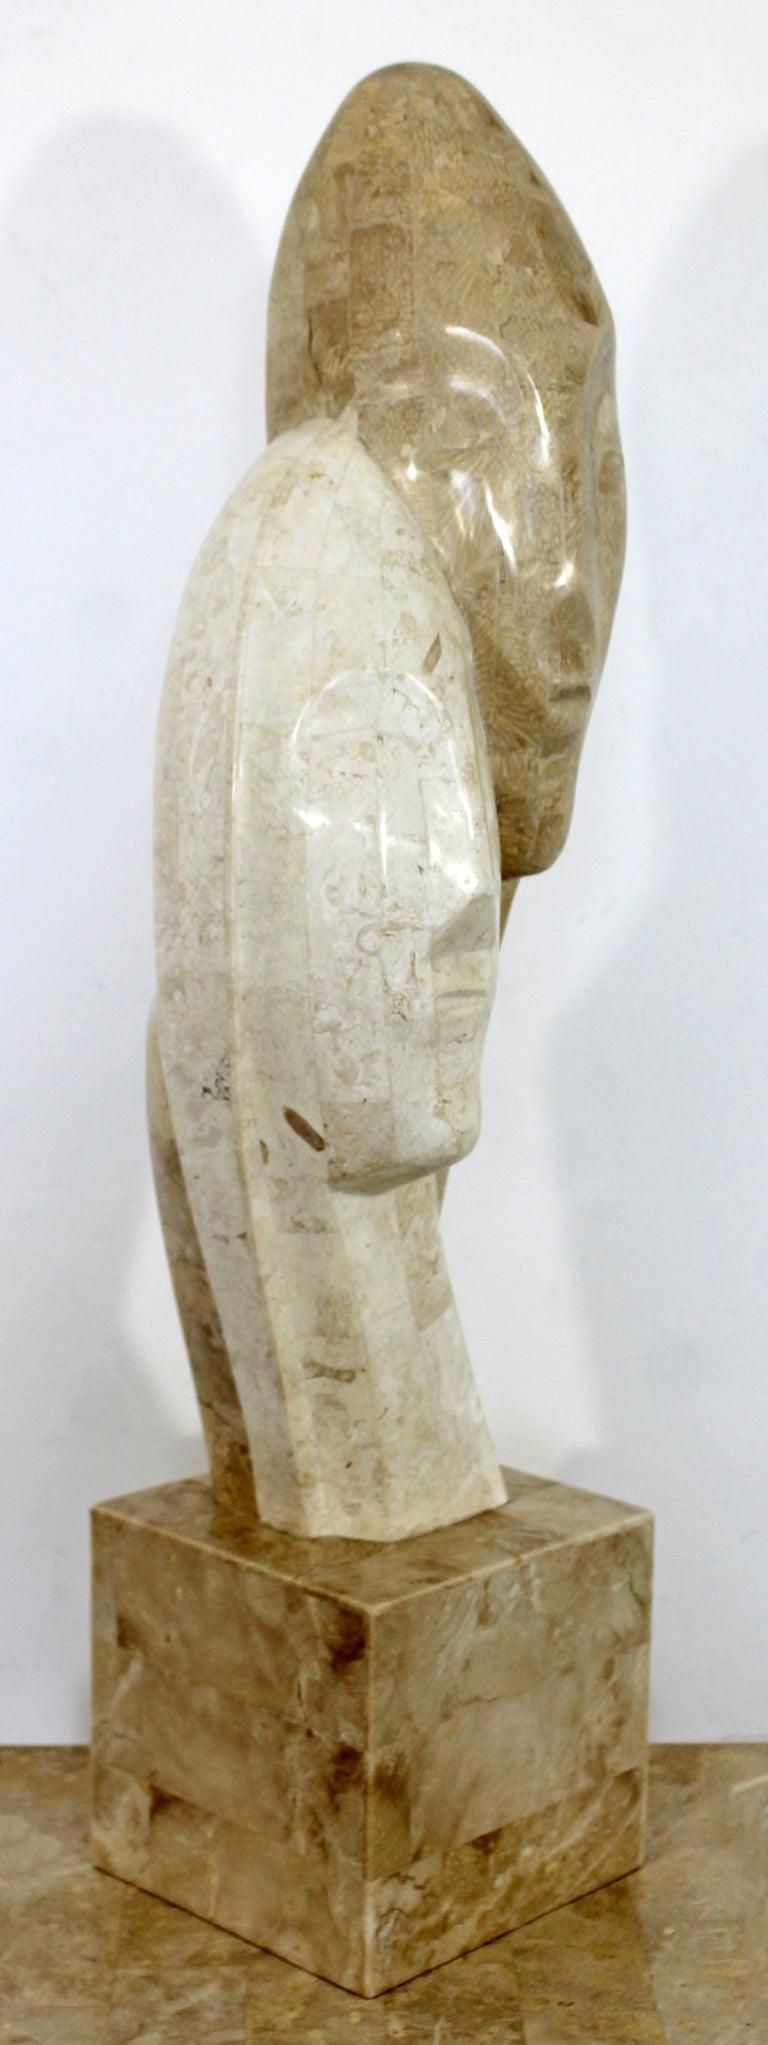 Contemporary Modern Composite Faux Marble Sculpture on Pedestal Austin Prod Era For Sale 6